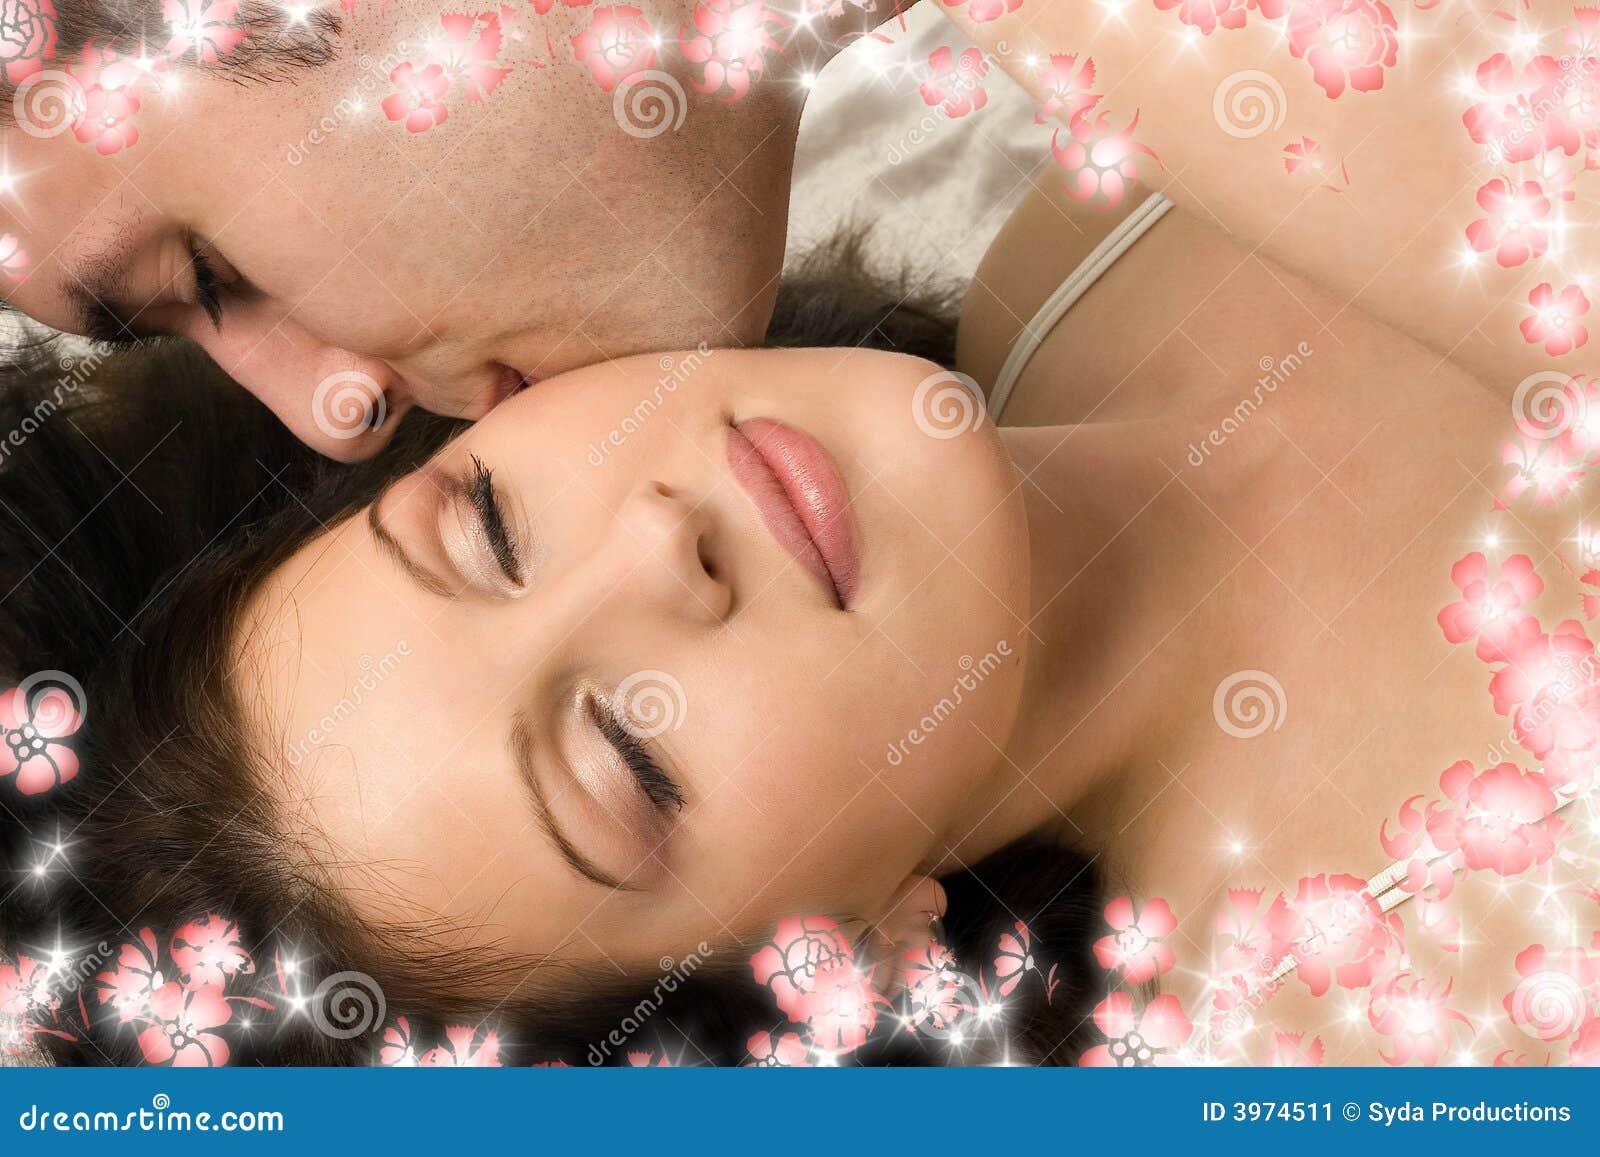 Секс с девочкой в анал 3 фотография